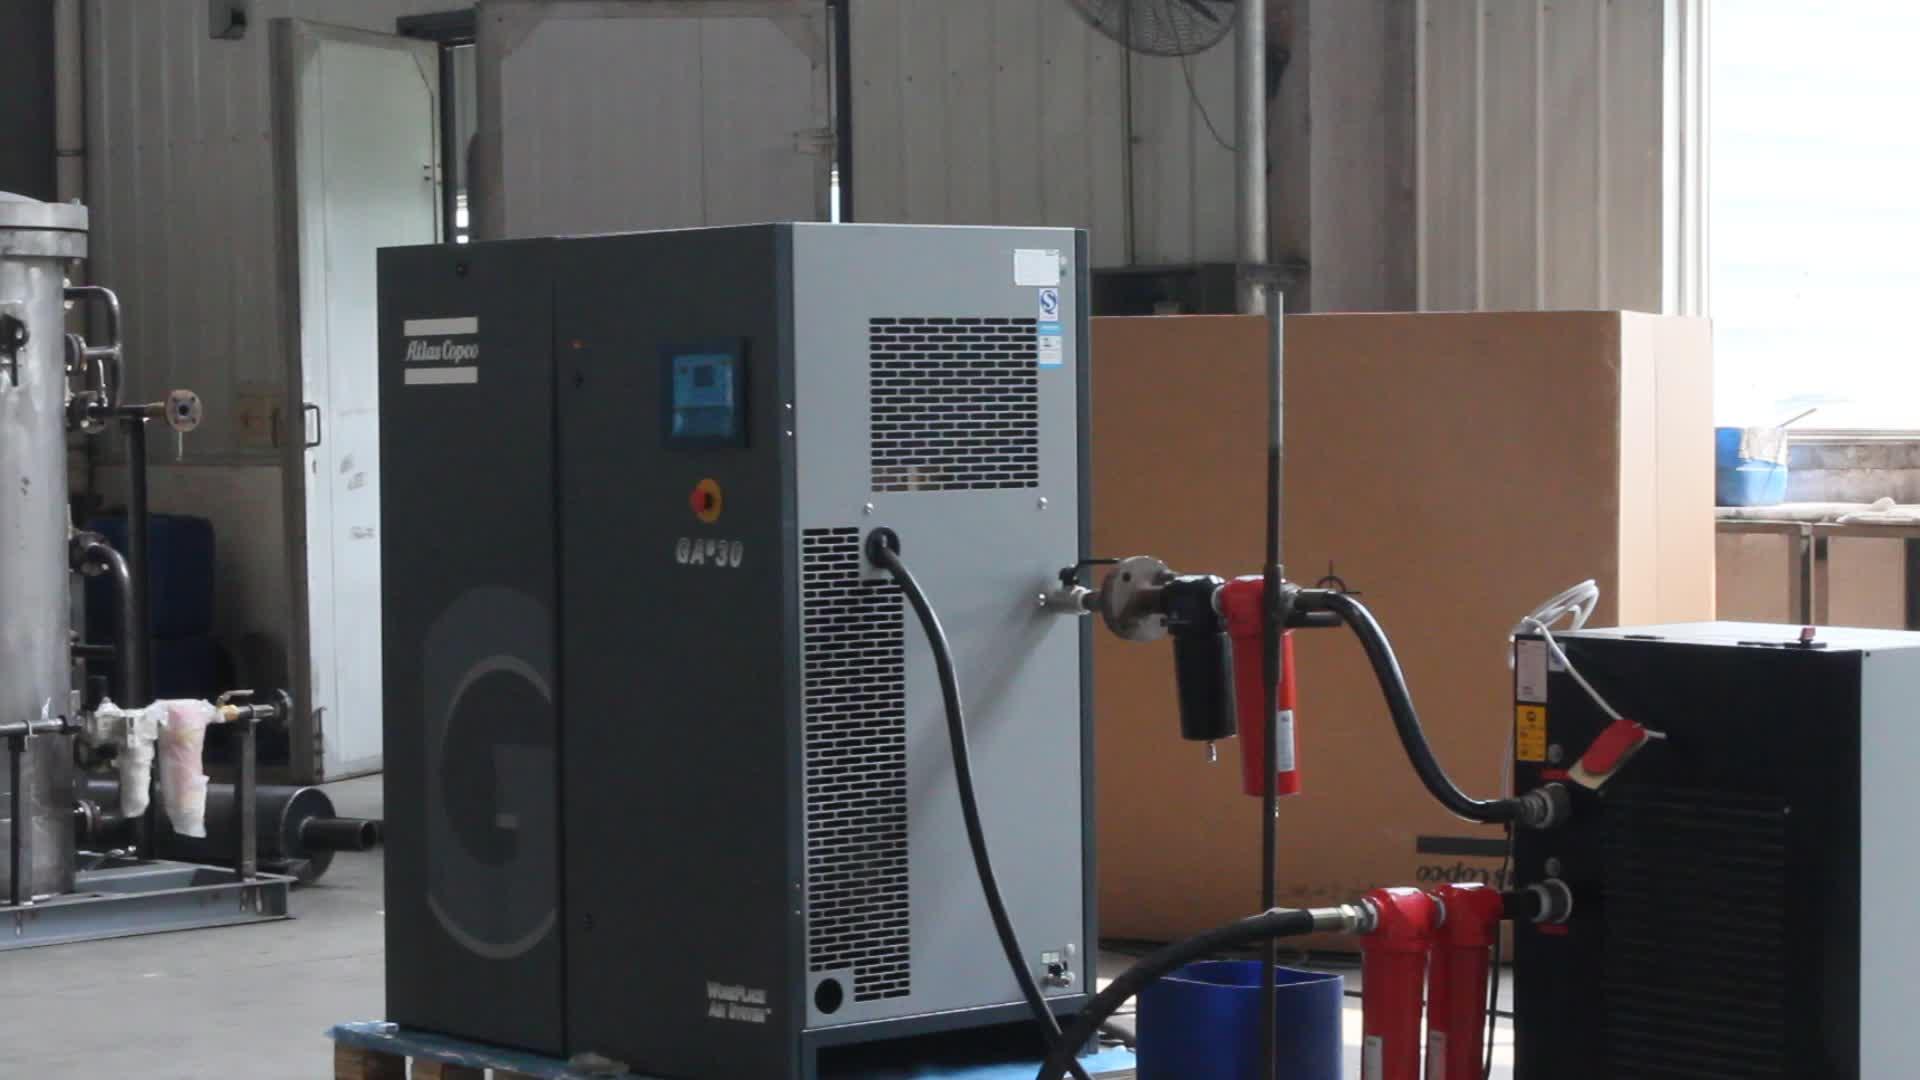 China made cylinder filling station Oxygen cylinder filling plant PSA oxygen generator 30 years manufacturer supplier exporter